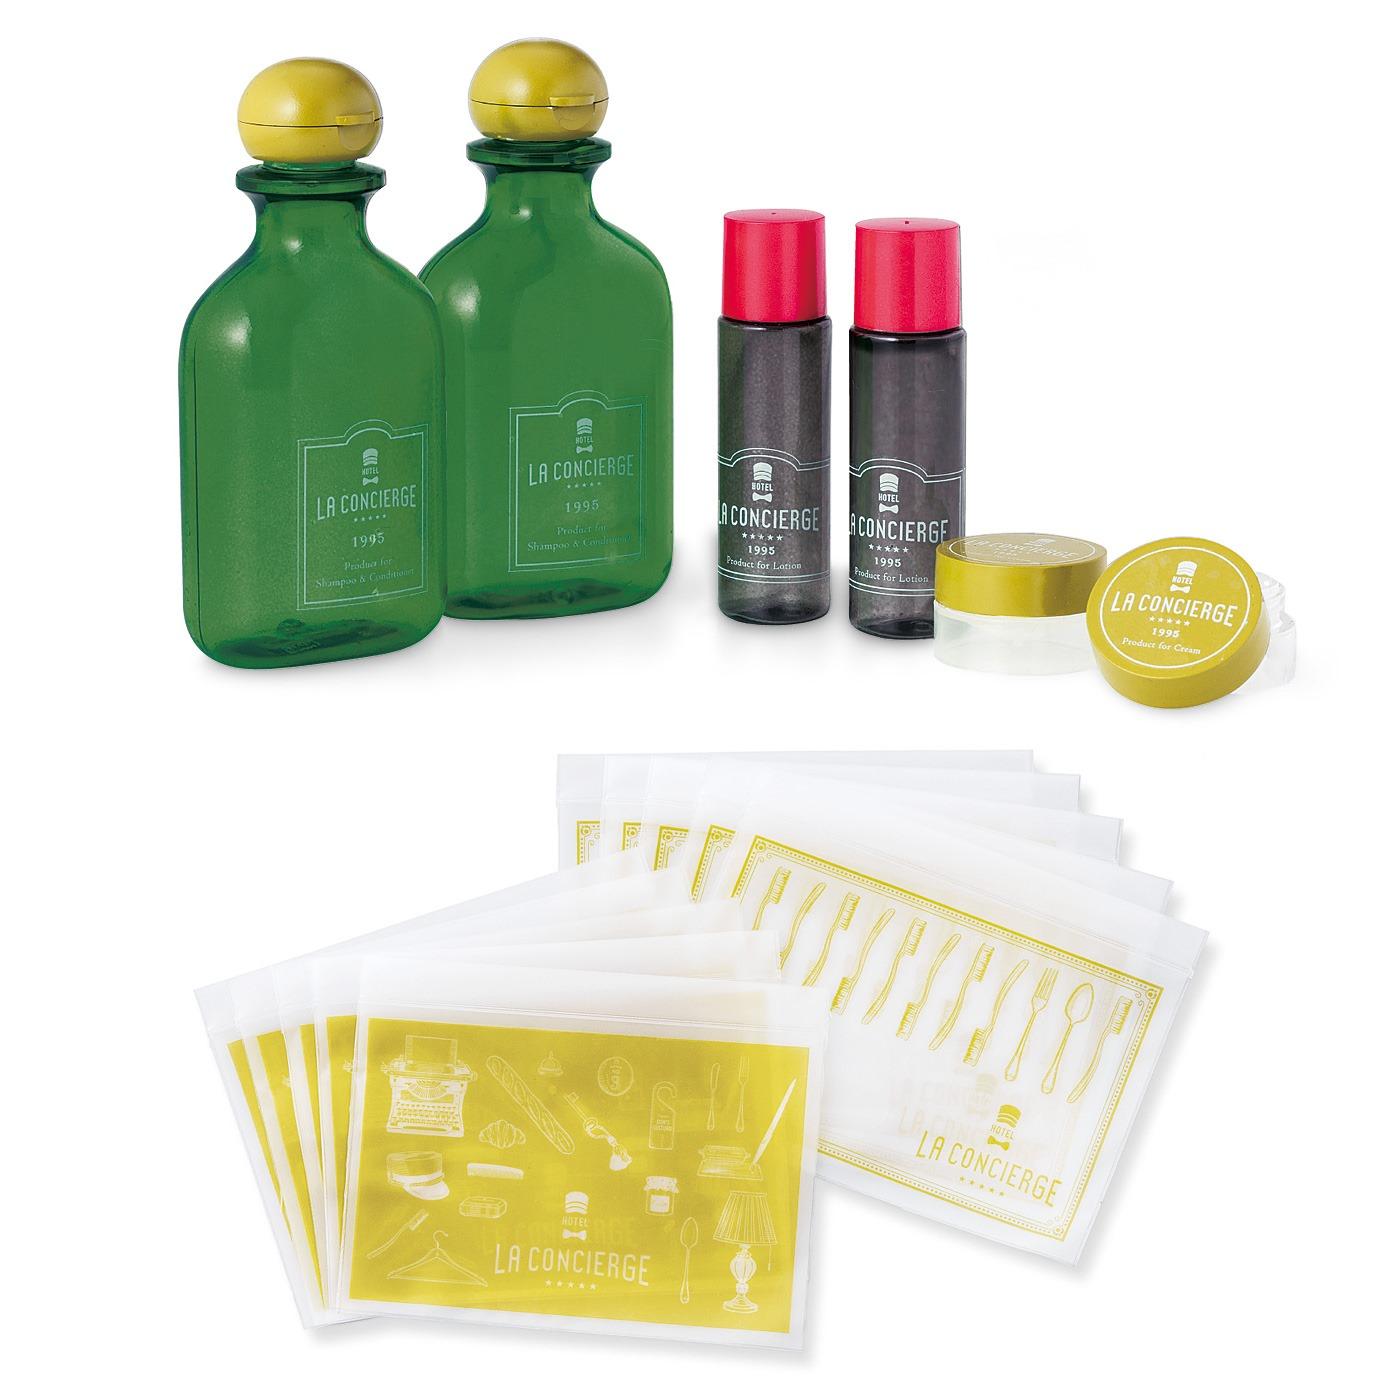 ワイン風詰め替えボトルセット 半透明のジッパーバッグ10枚セット! ボトルや小物を入れて。■セット内容/ボトル(大)(中)・ケース各2個、ジッパーバッグ2種類各5枚 ■素材/ボトル・ケース:飽和ポリエステル樹脂、ポリプロピレンなど ジッパーバッグ:ポリエチレン ■容量・サイズ/ボトル(大):80ml(中):15ml ケース:3g ジッパーバッグ:縦約14.5cm、横約19.5cm